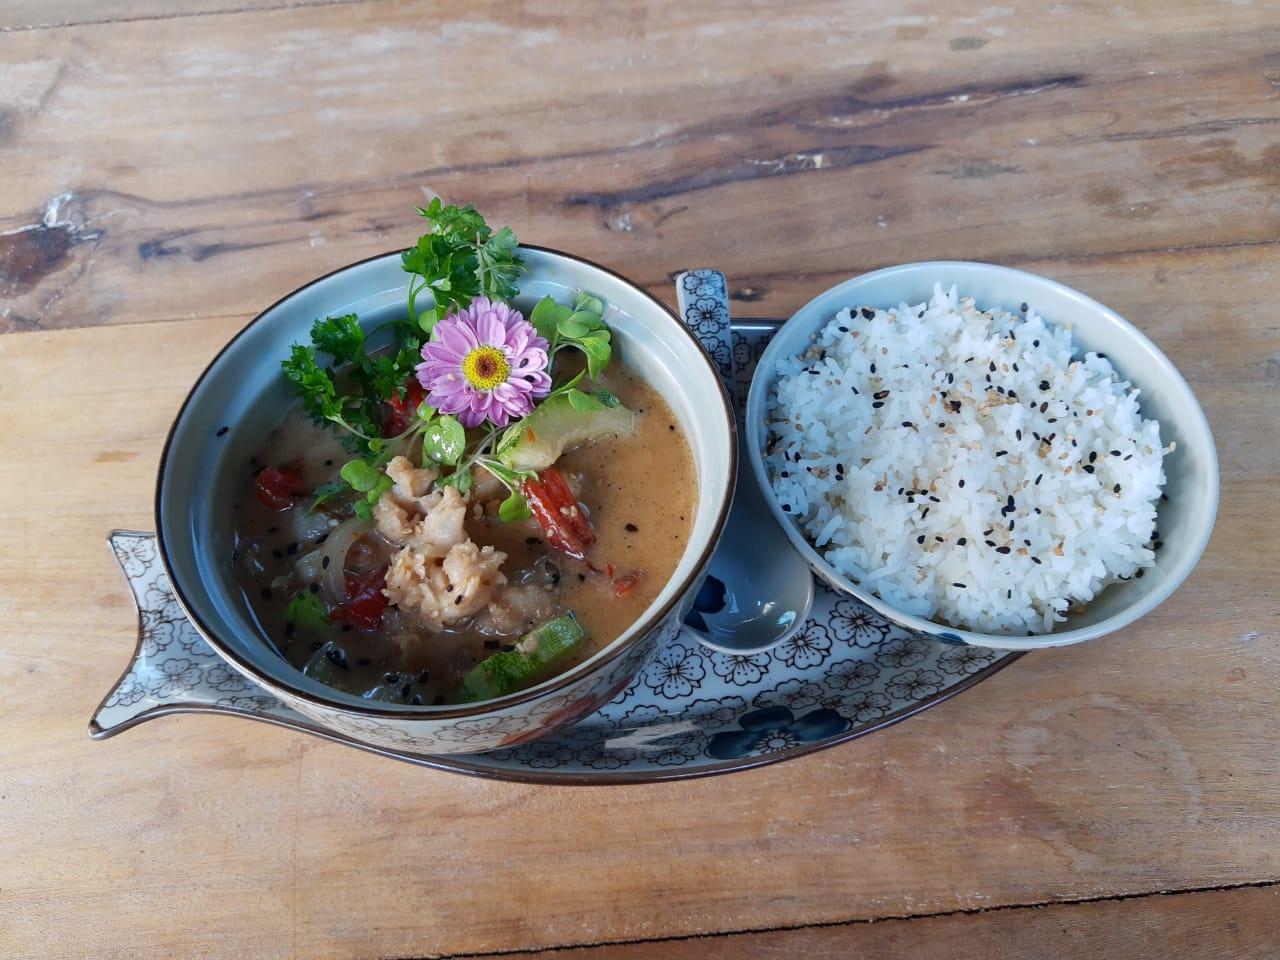 Thai Garden Asian: Menu de Lagosta será lançado nesta quinta-feira